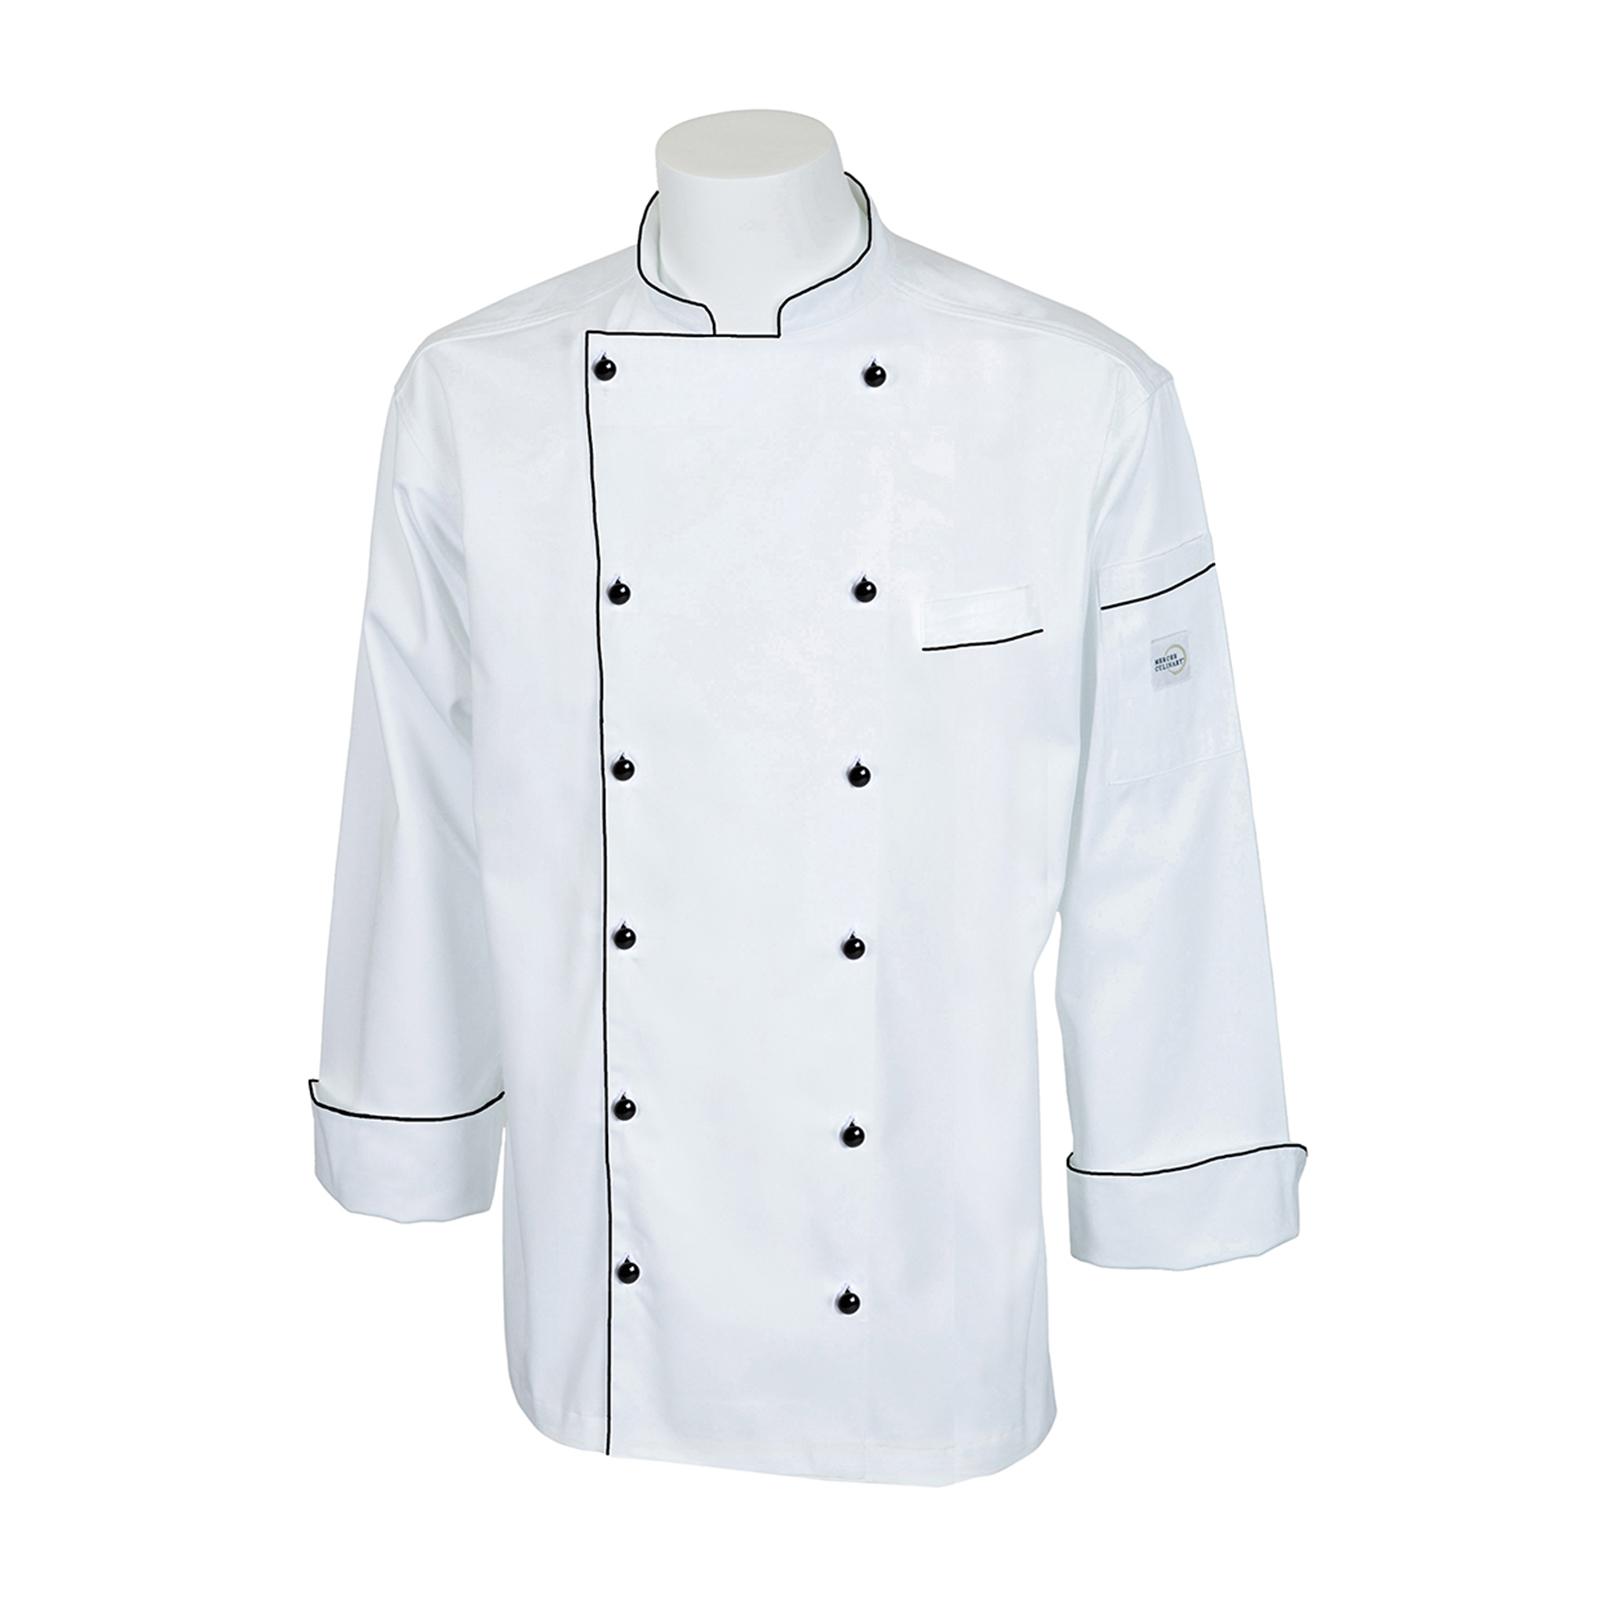 Mercer Culinary M62090WB4X chef's coat